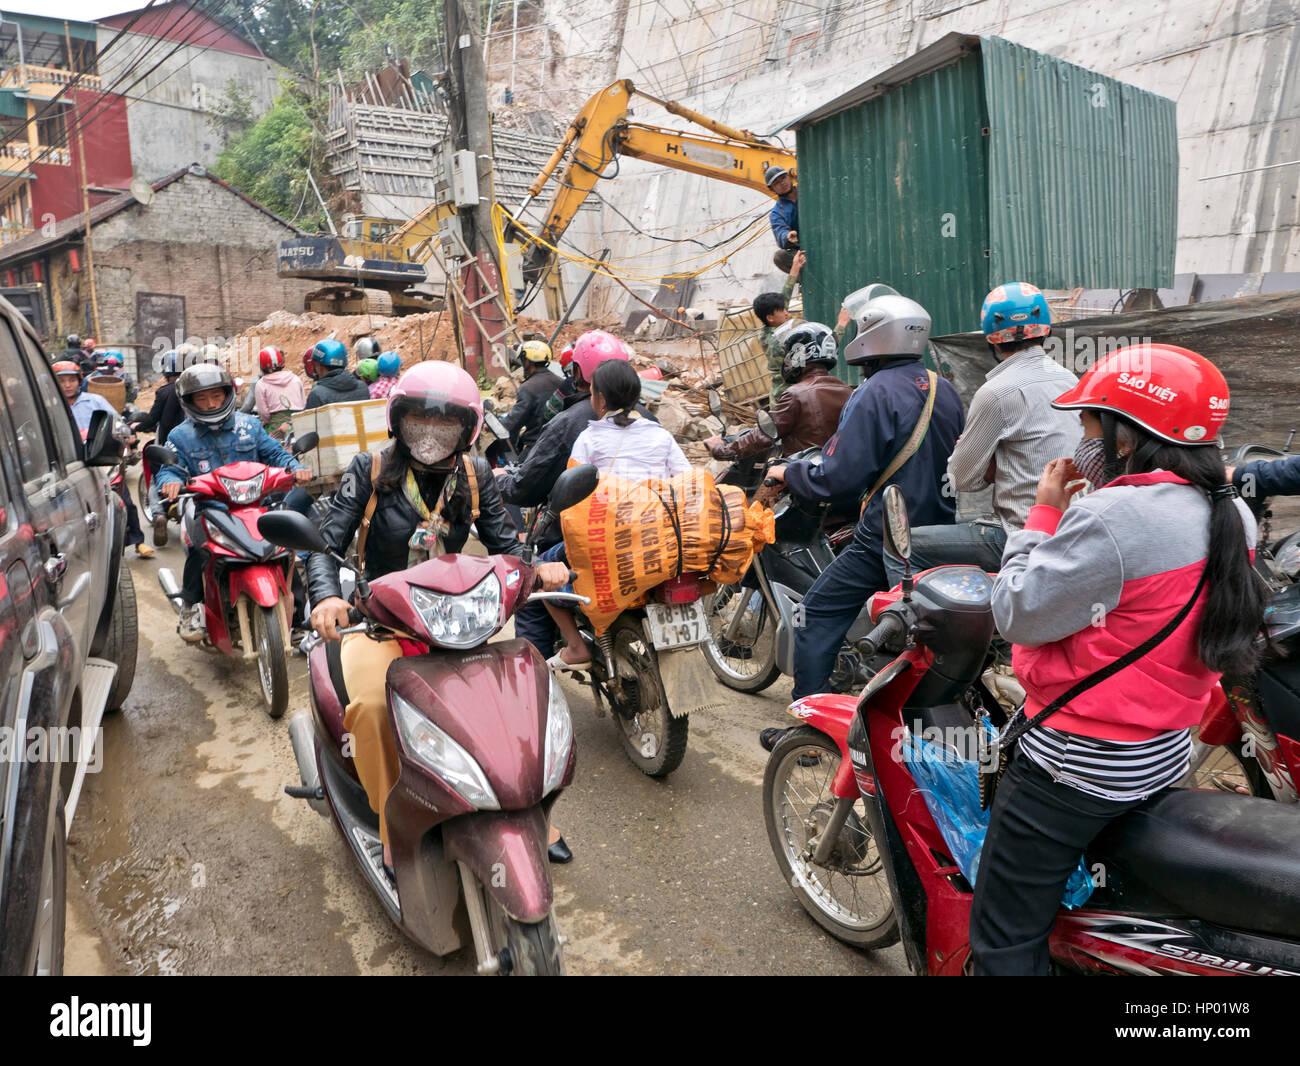 Persone a cavallo scooter e moto, indossare i caschi & abbigliamento protettivo, città street, automobile Immagini Stock